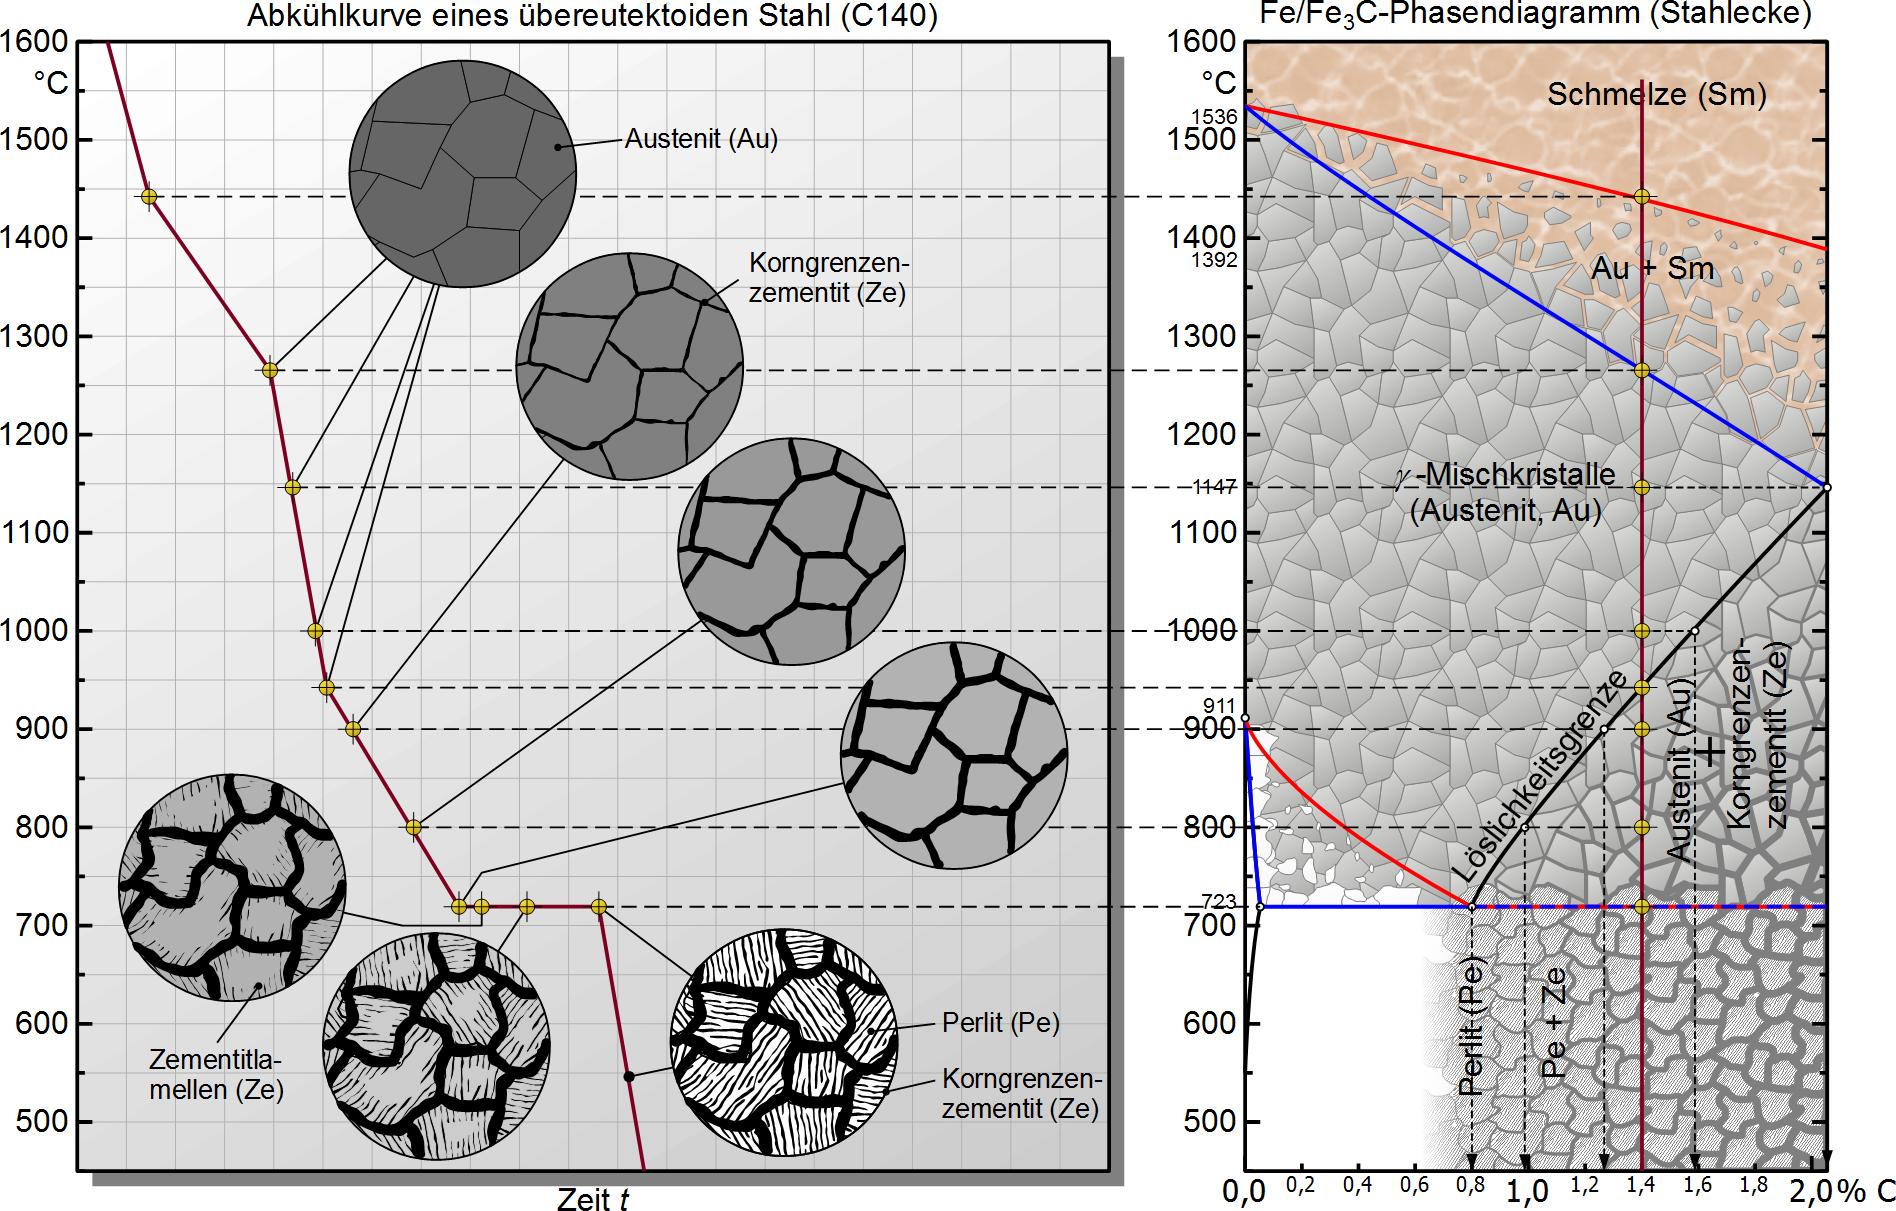 Übereutektoide Phasenumwandlung - Maschinenbau & Physik